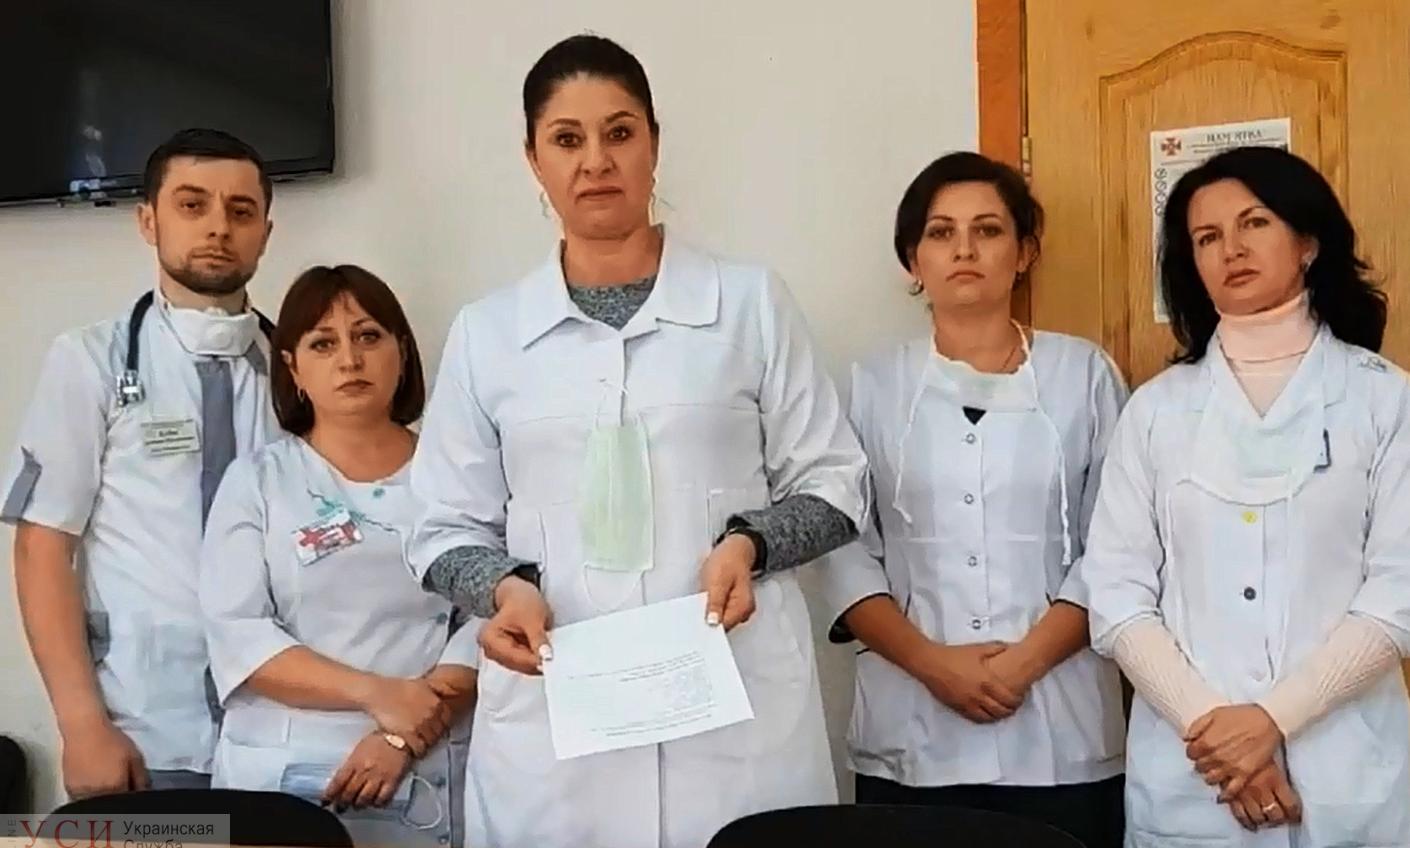 Черноморские медики с трудом добираются на работу: городская власть не реагирует на ситуацию «фото»